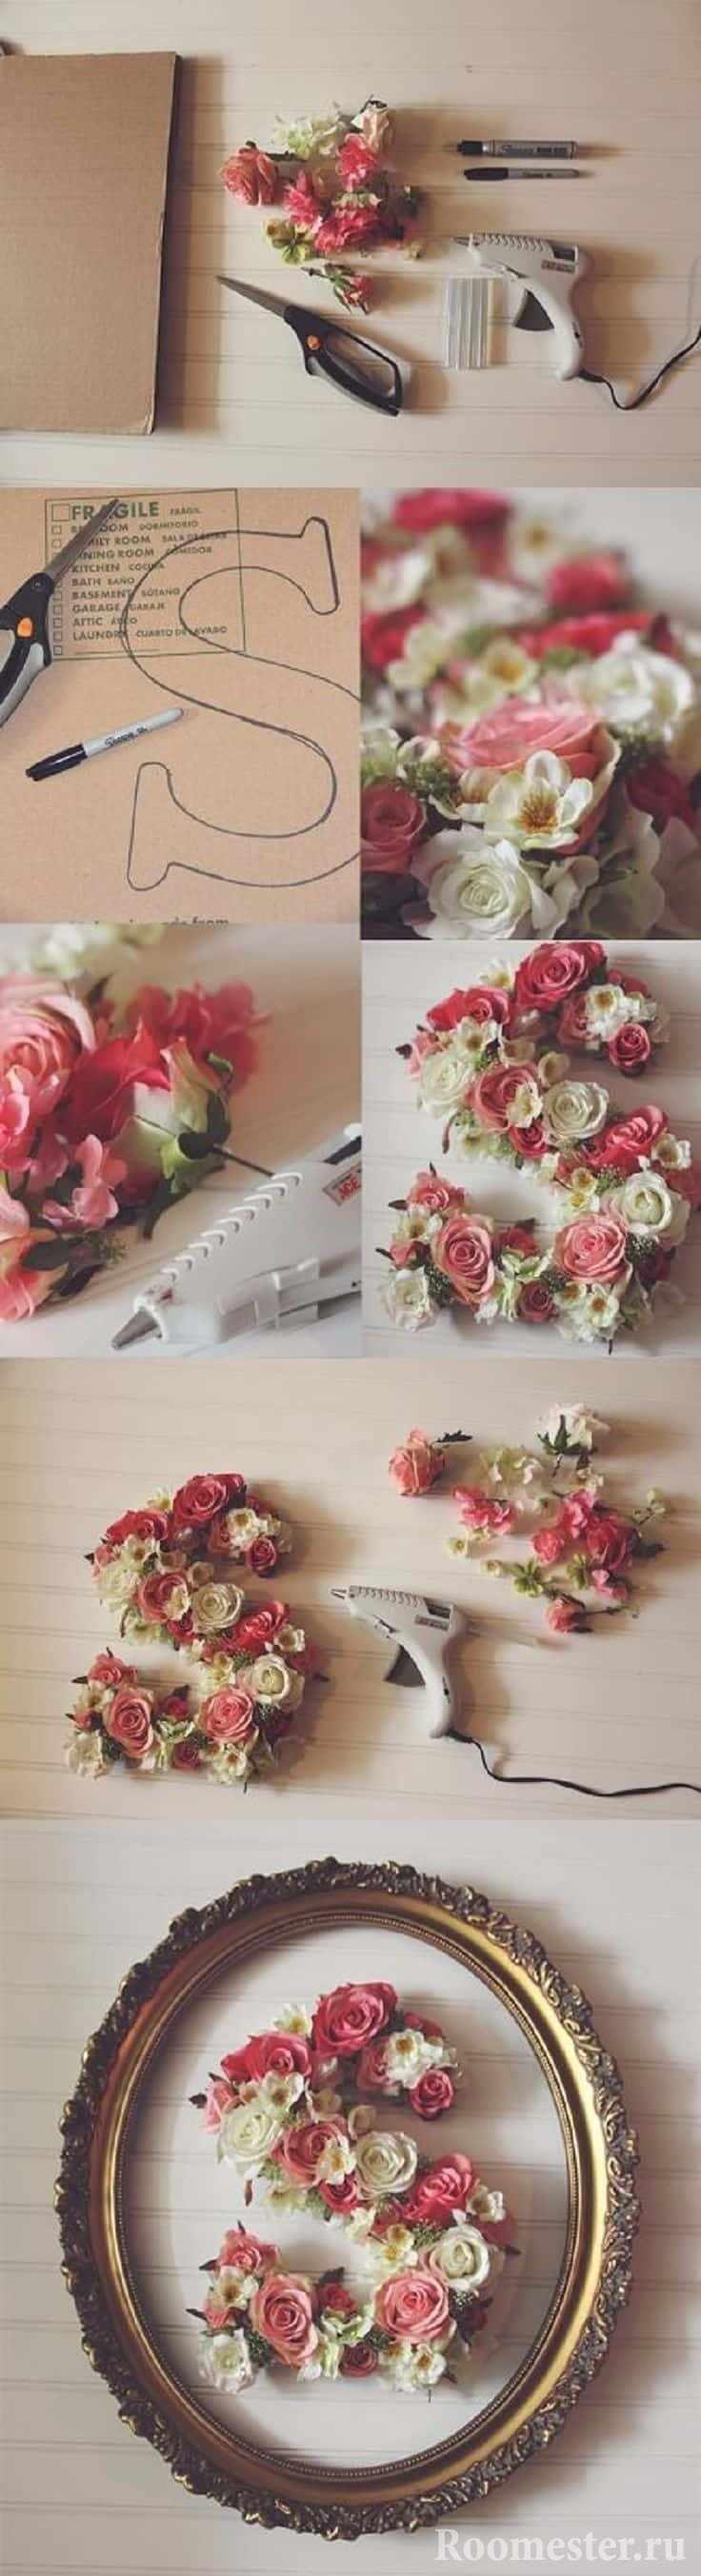 Буква из цветов